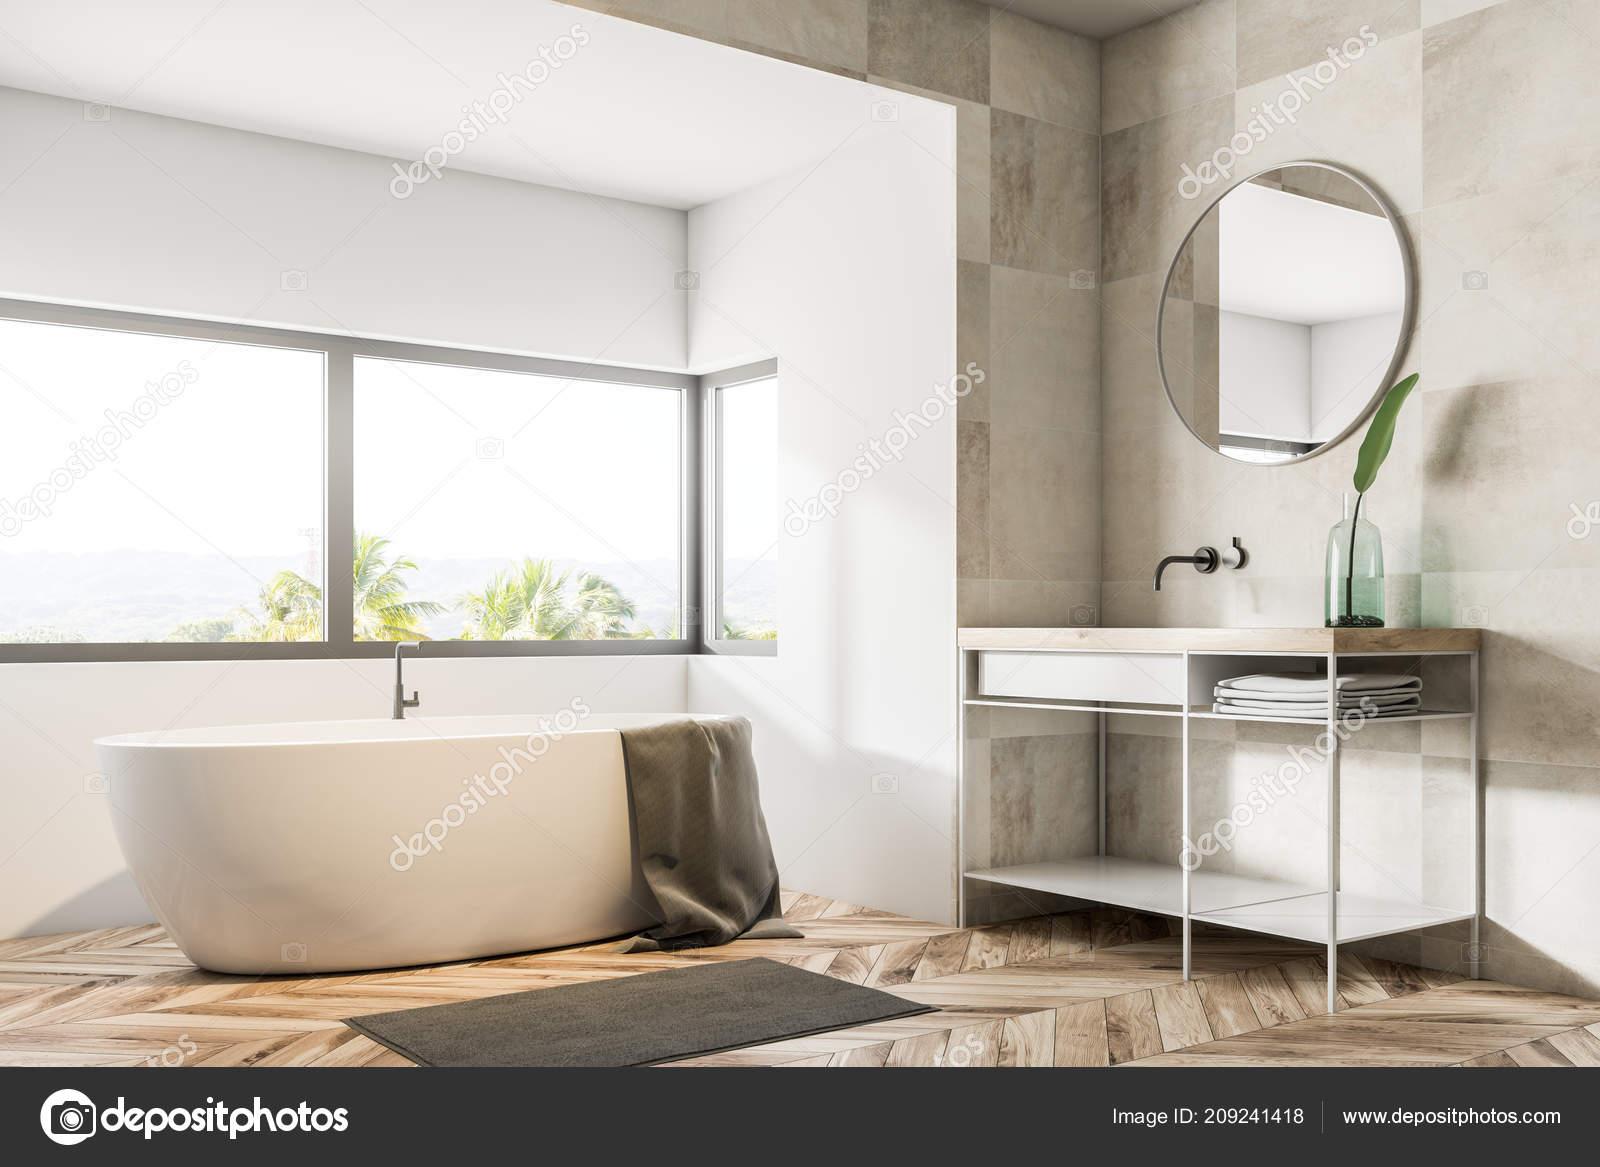 Holzfußboden Bad ~ Bad ecke mit beige fliesen wände holzfußboden eine badewanne unter